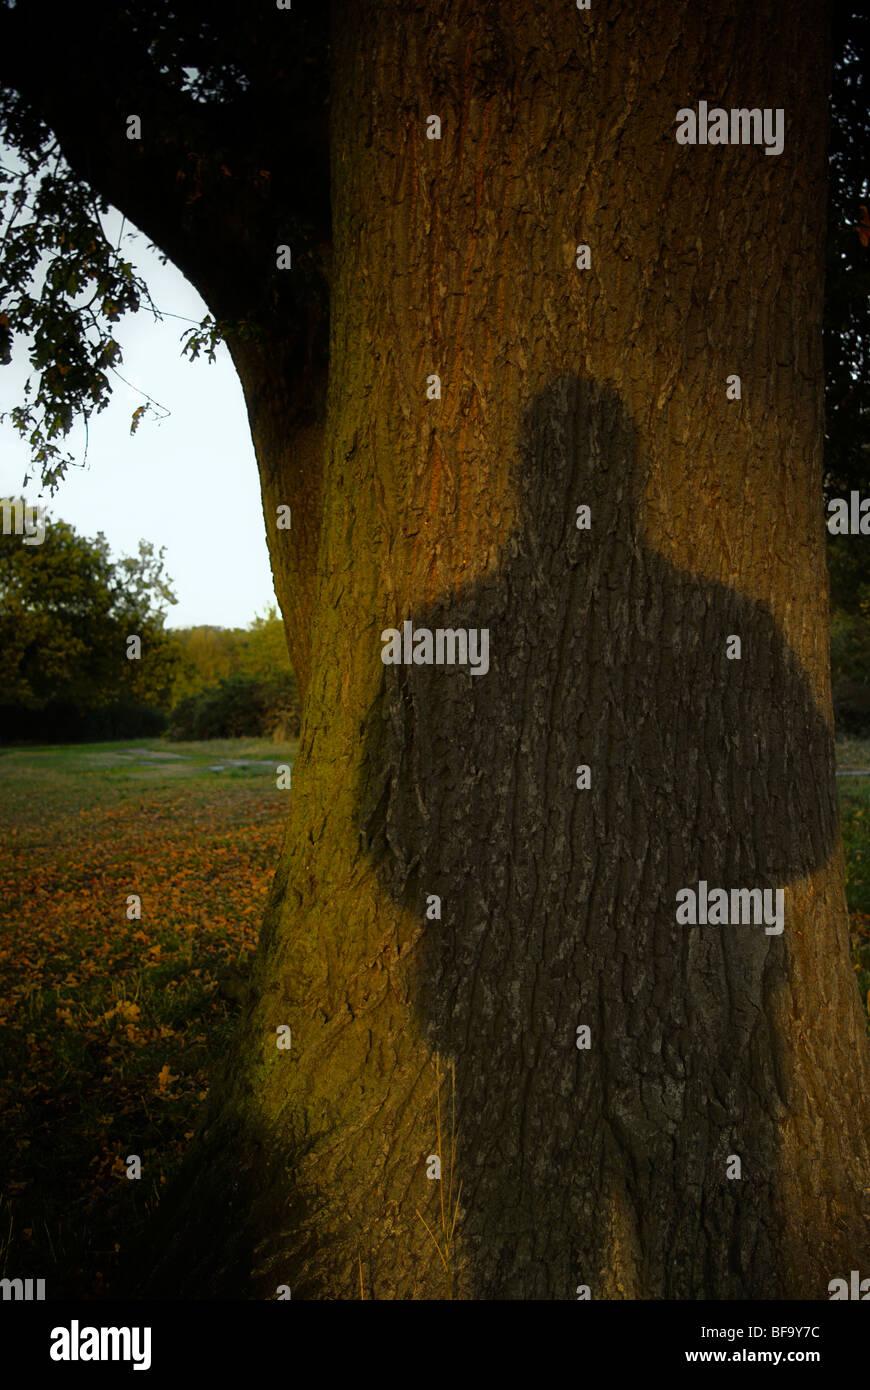 Finstere Schatten auf einem Baum Stockbild